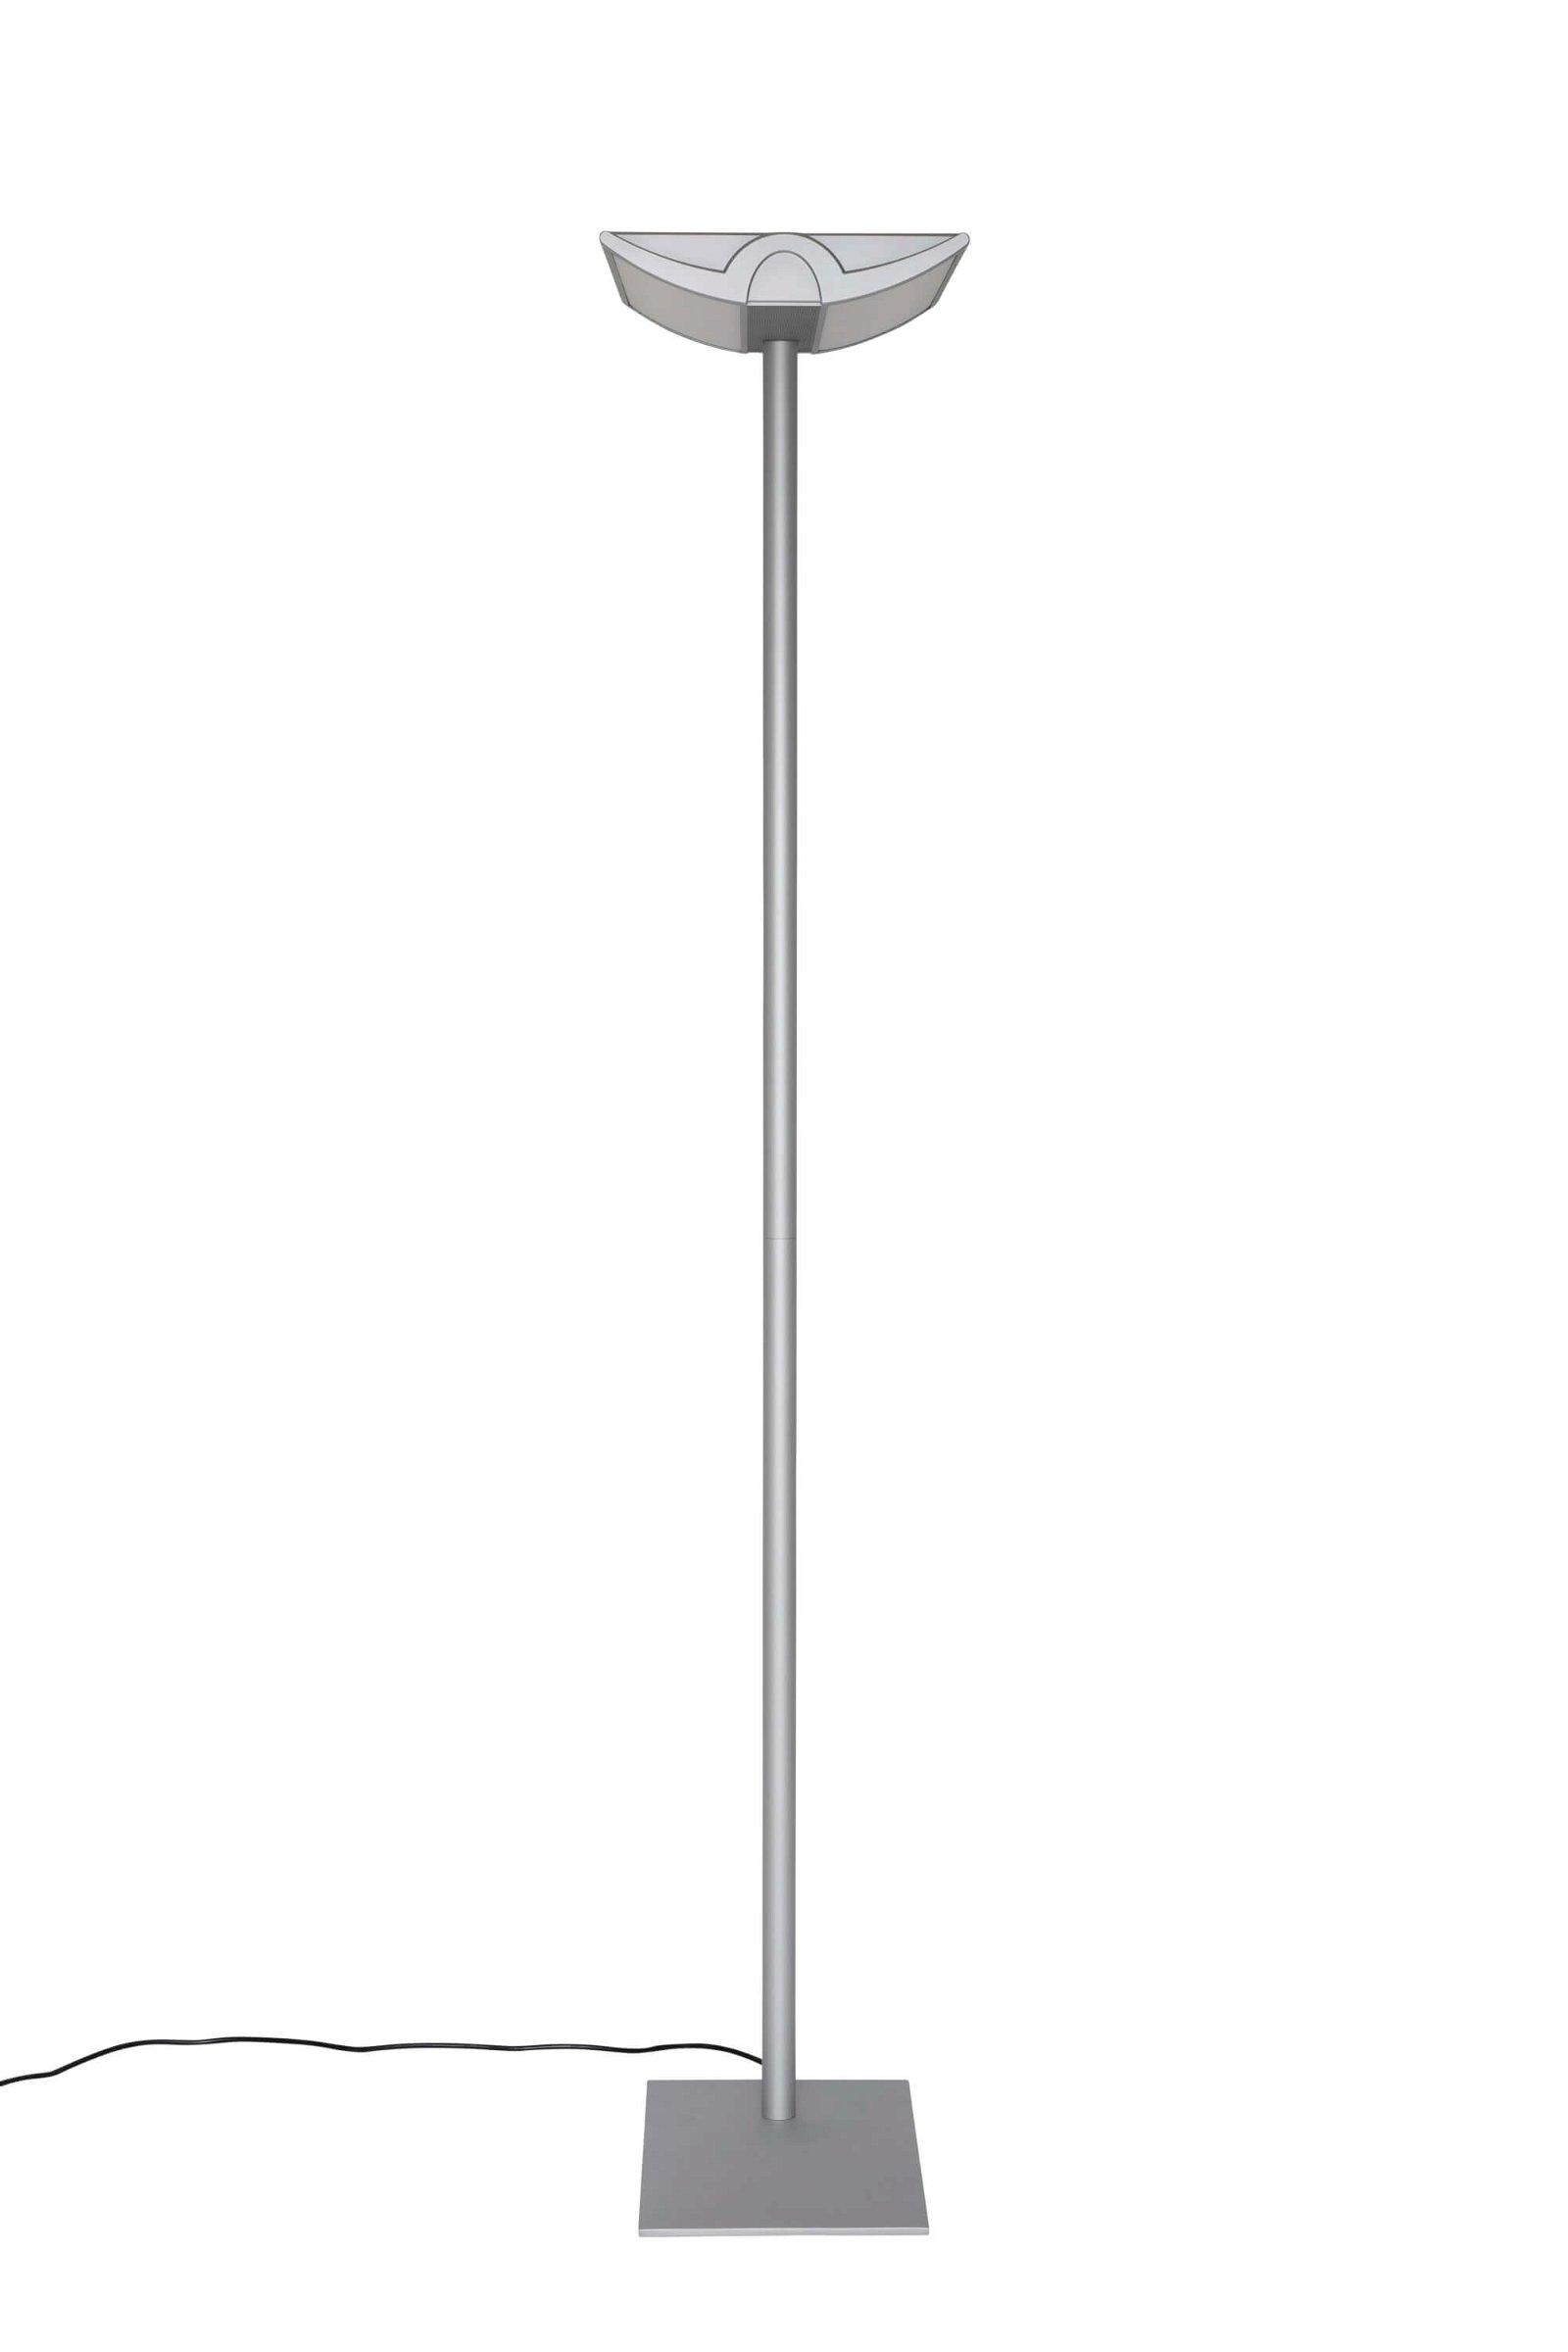 Energiespar-Standleuchte MAULnaos, silber